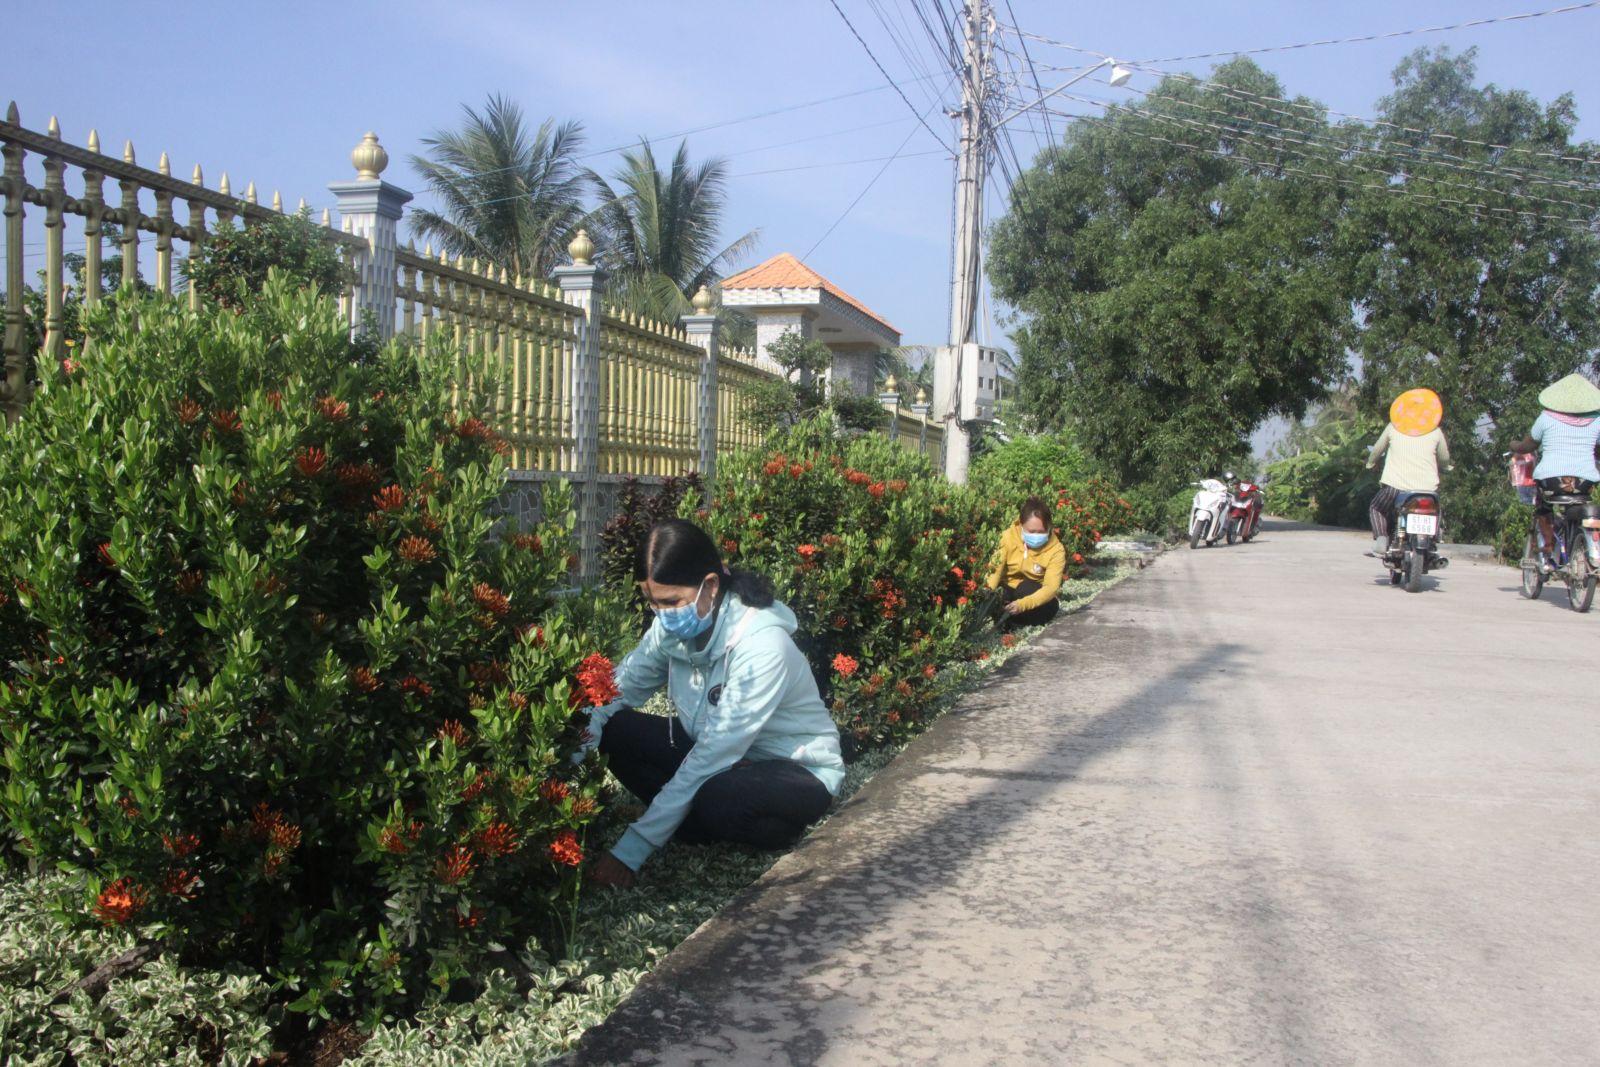 Tuyến đường hoa do Hội Liên hiệp Phụ nữ Việt Nam xã An Lục Long chăm sóc